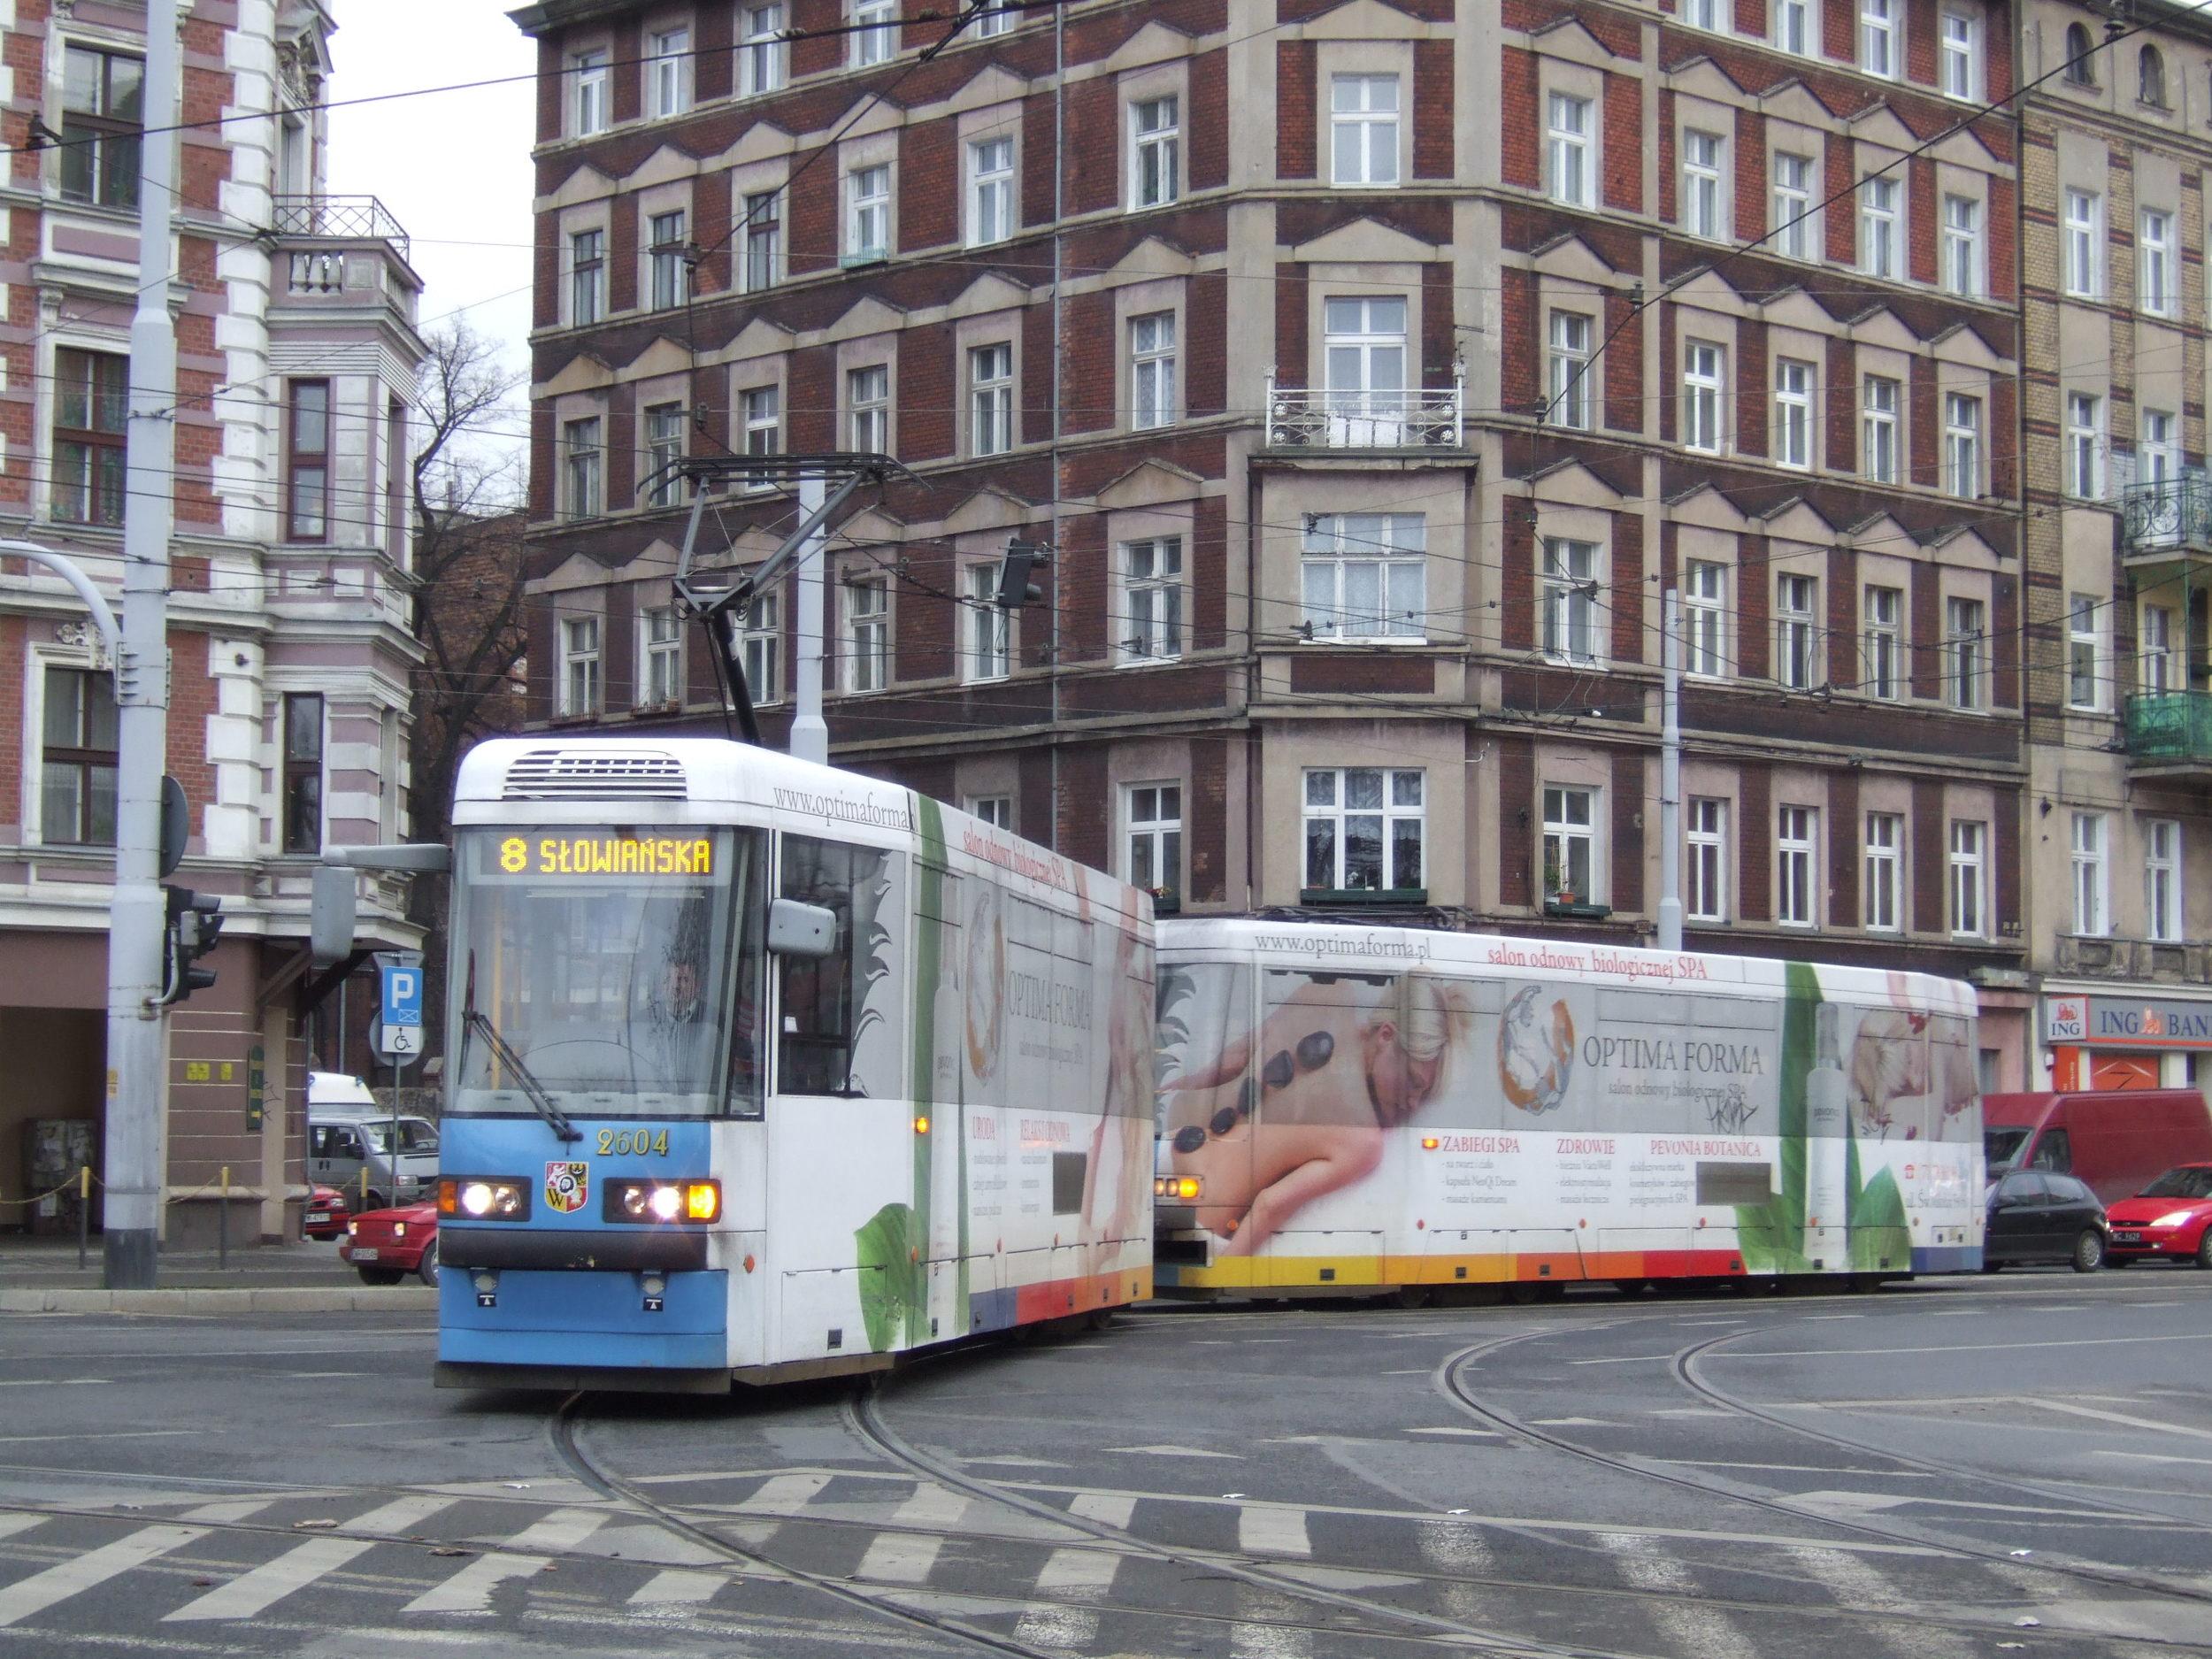 Sólo provedení tramvají PROTRAM 204 WRAS představuje fakticky novostavbu tramvají koncepce Konstal. (foto: Ing. Filip Jiřík)